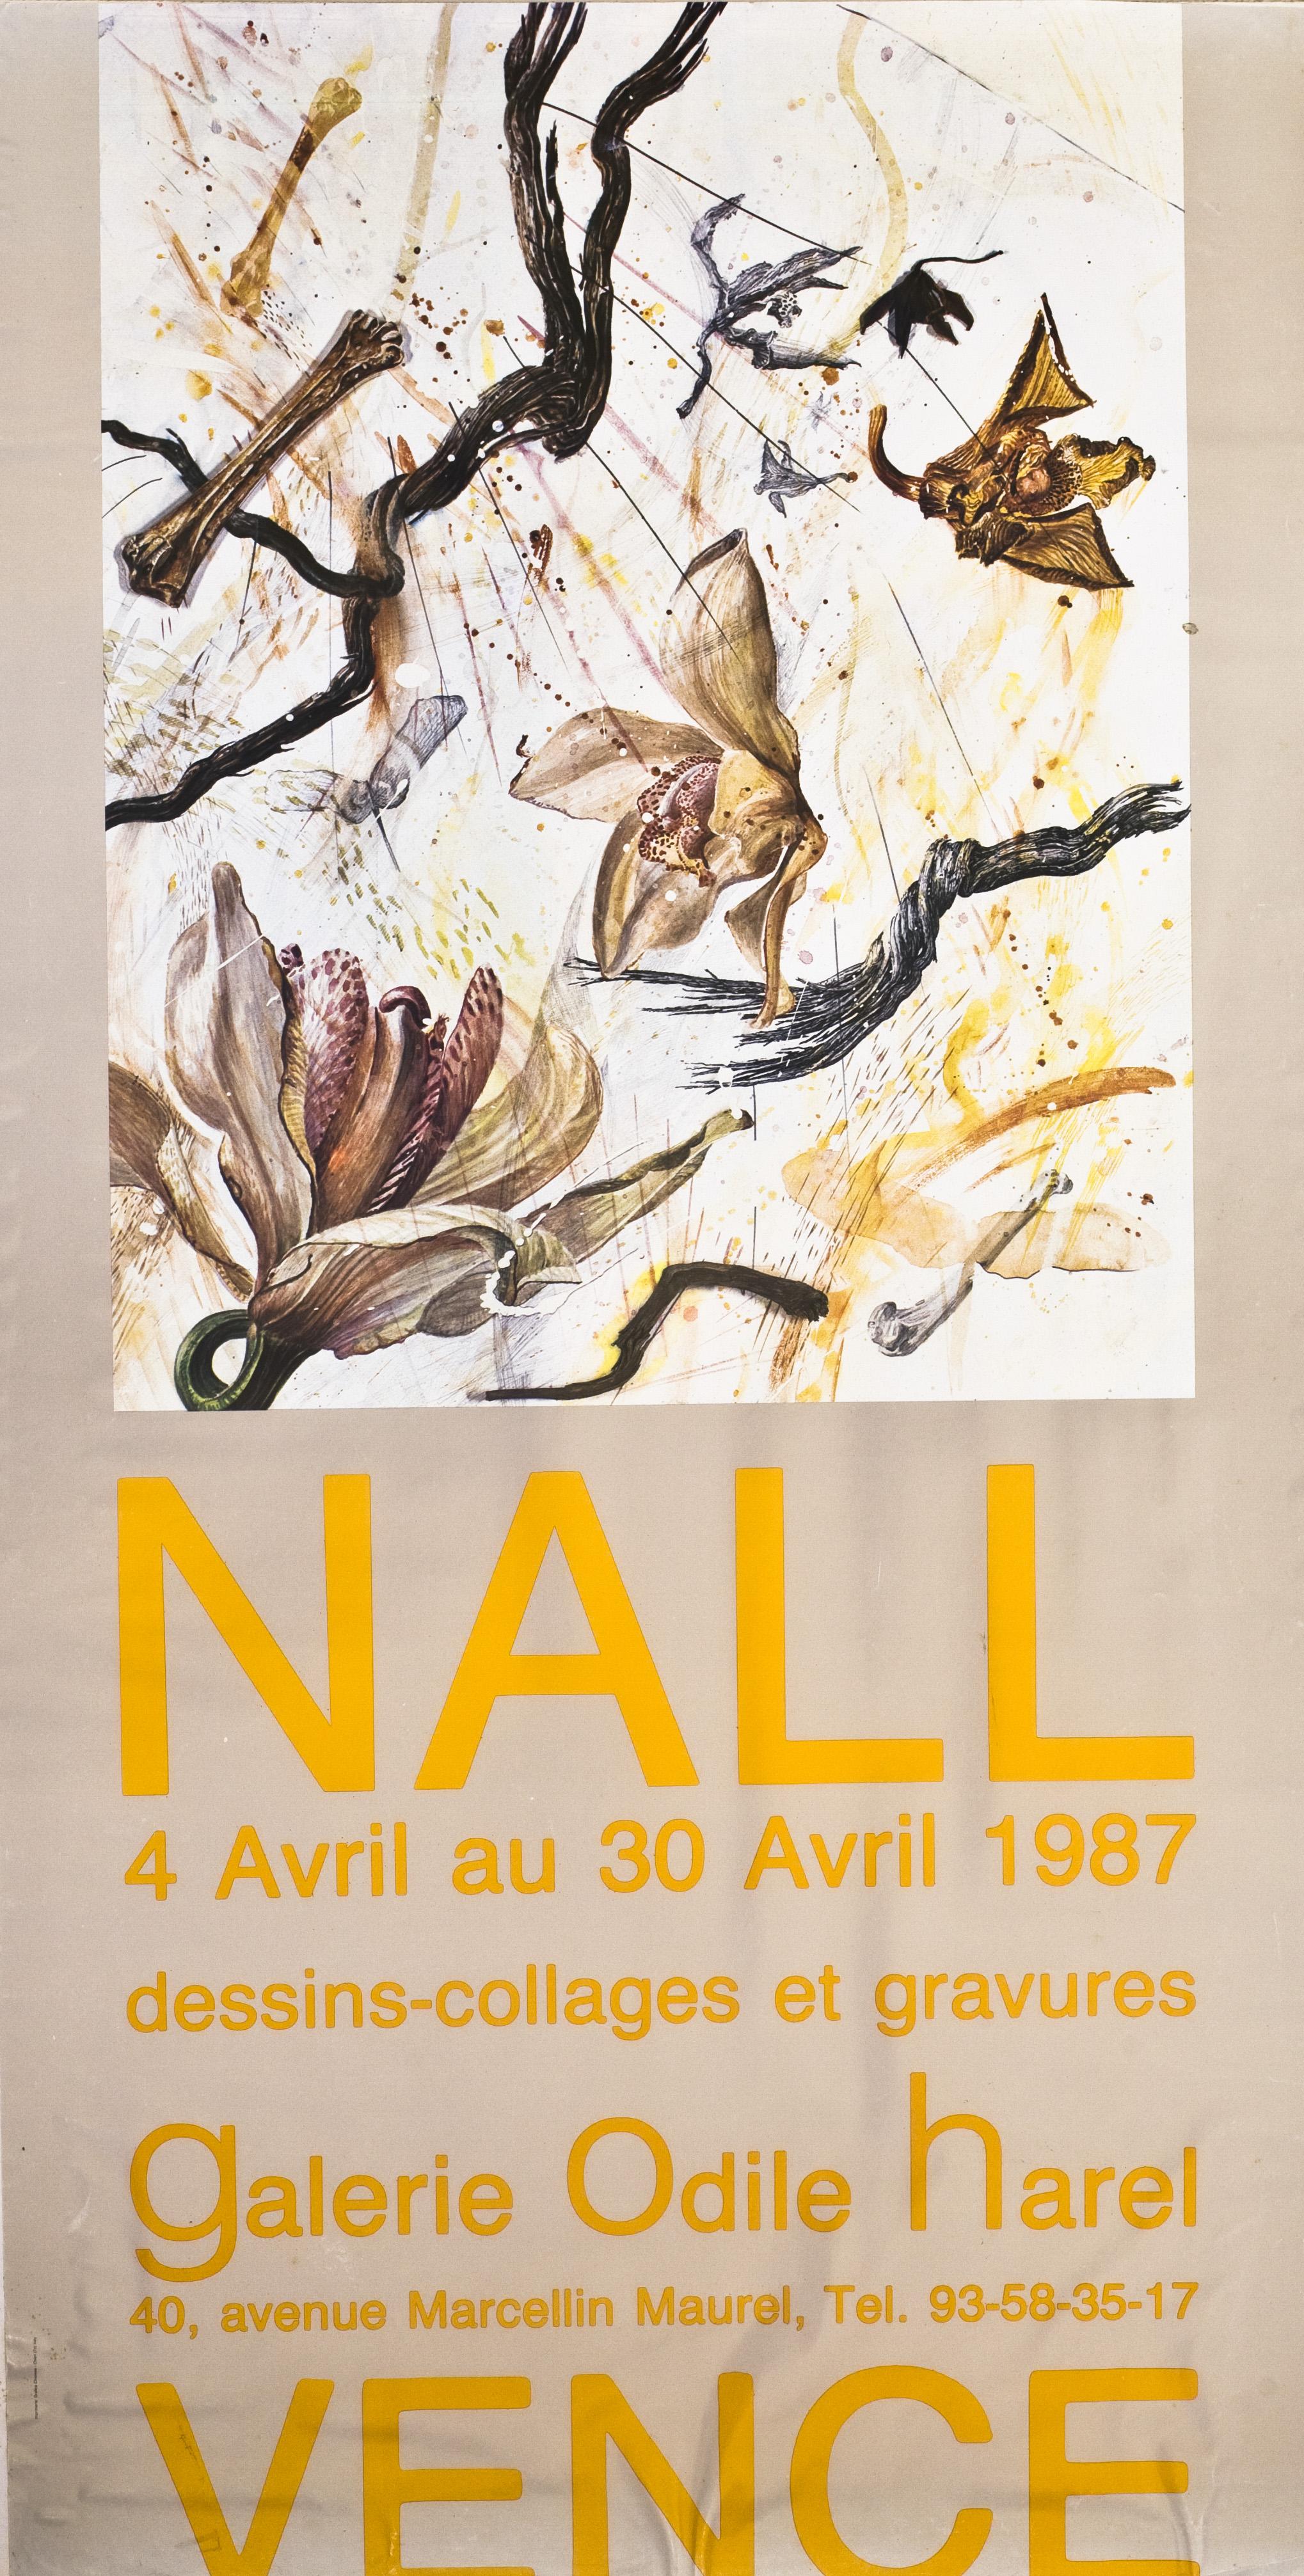 Nall Vence - 1987